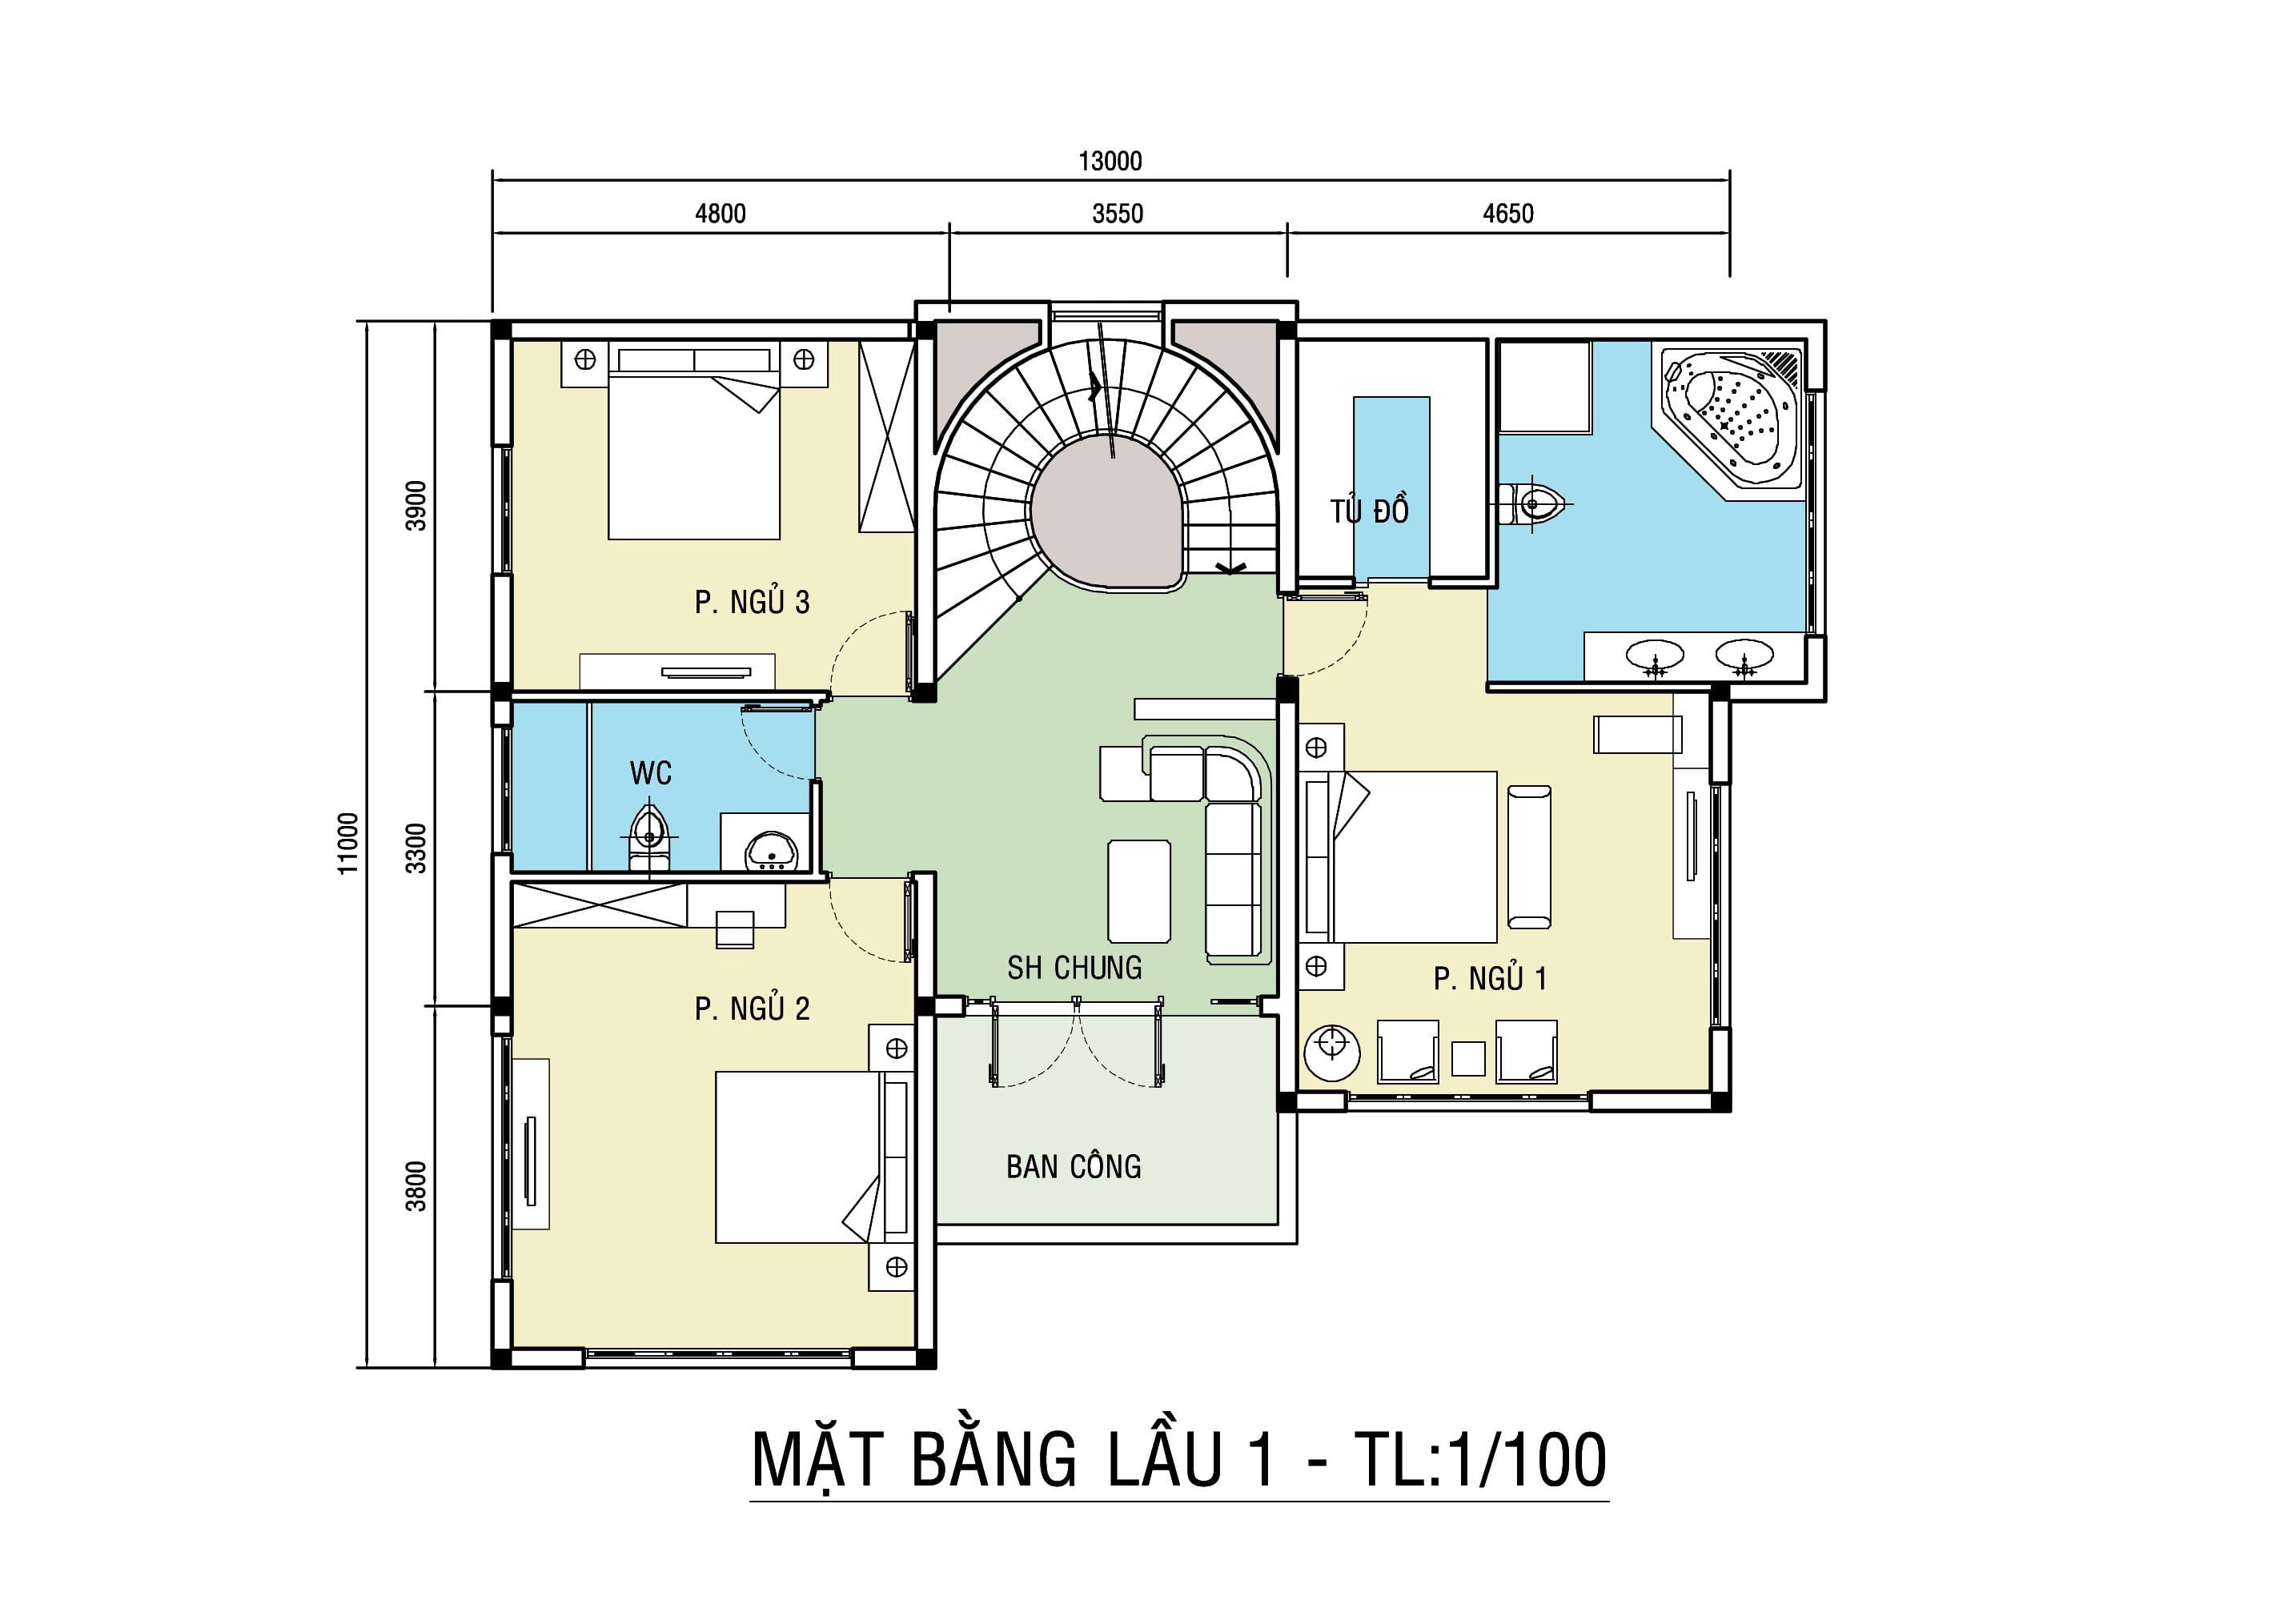 biệt thự 4 tầng 11x13m tân cổ điển đẹp 6